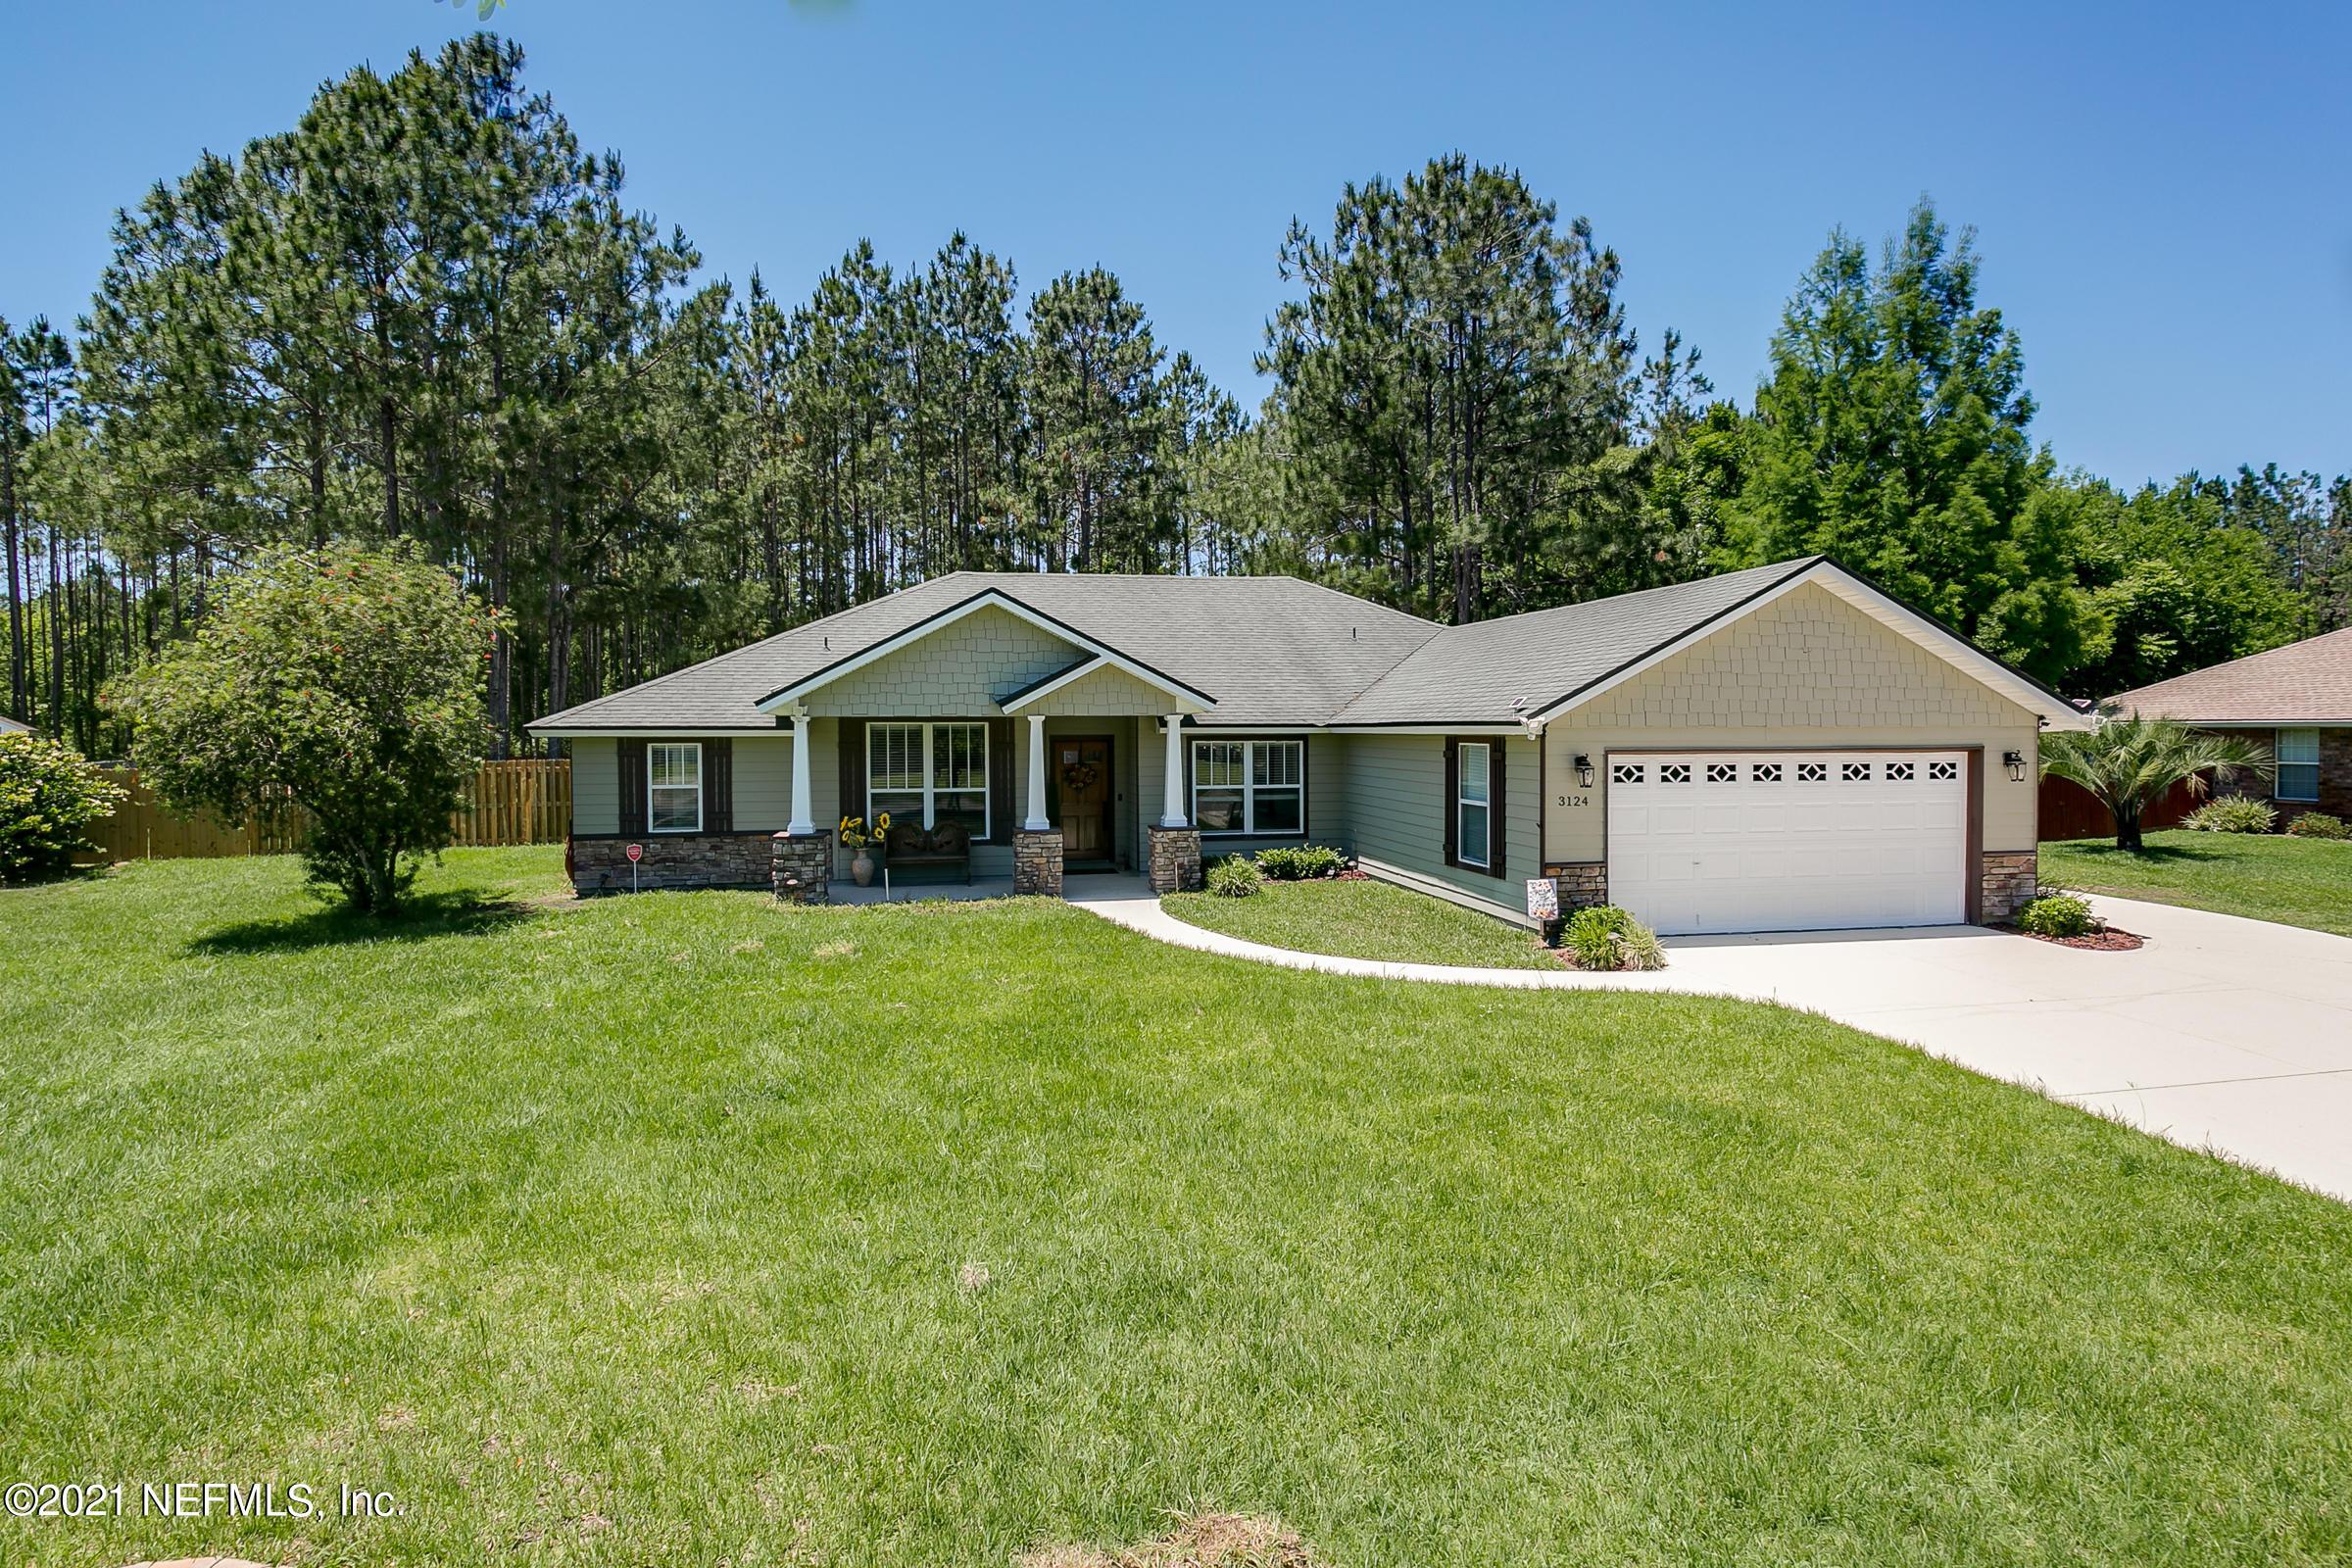 Details for 3124 Longleaf Ranch Cir, MIDDLEBURG, FL 32068